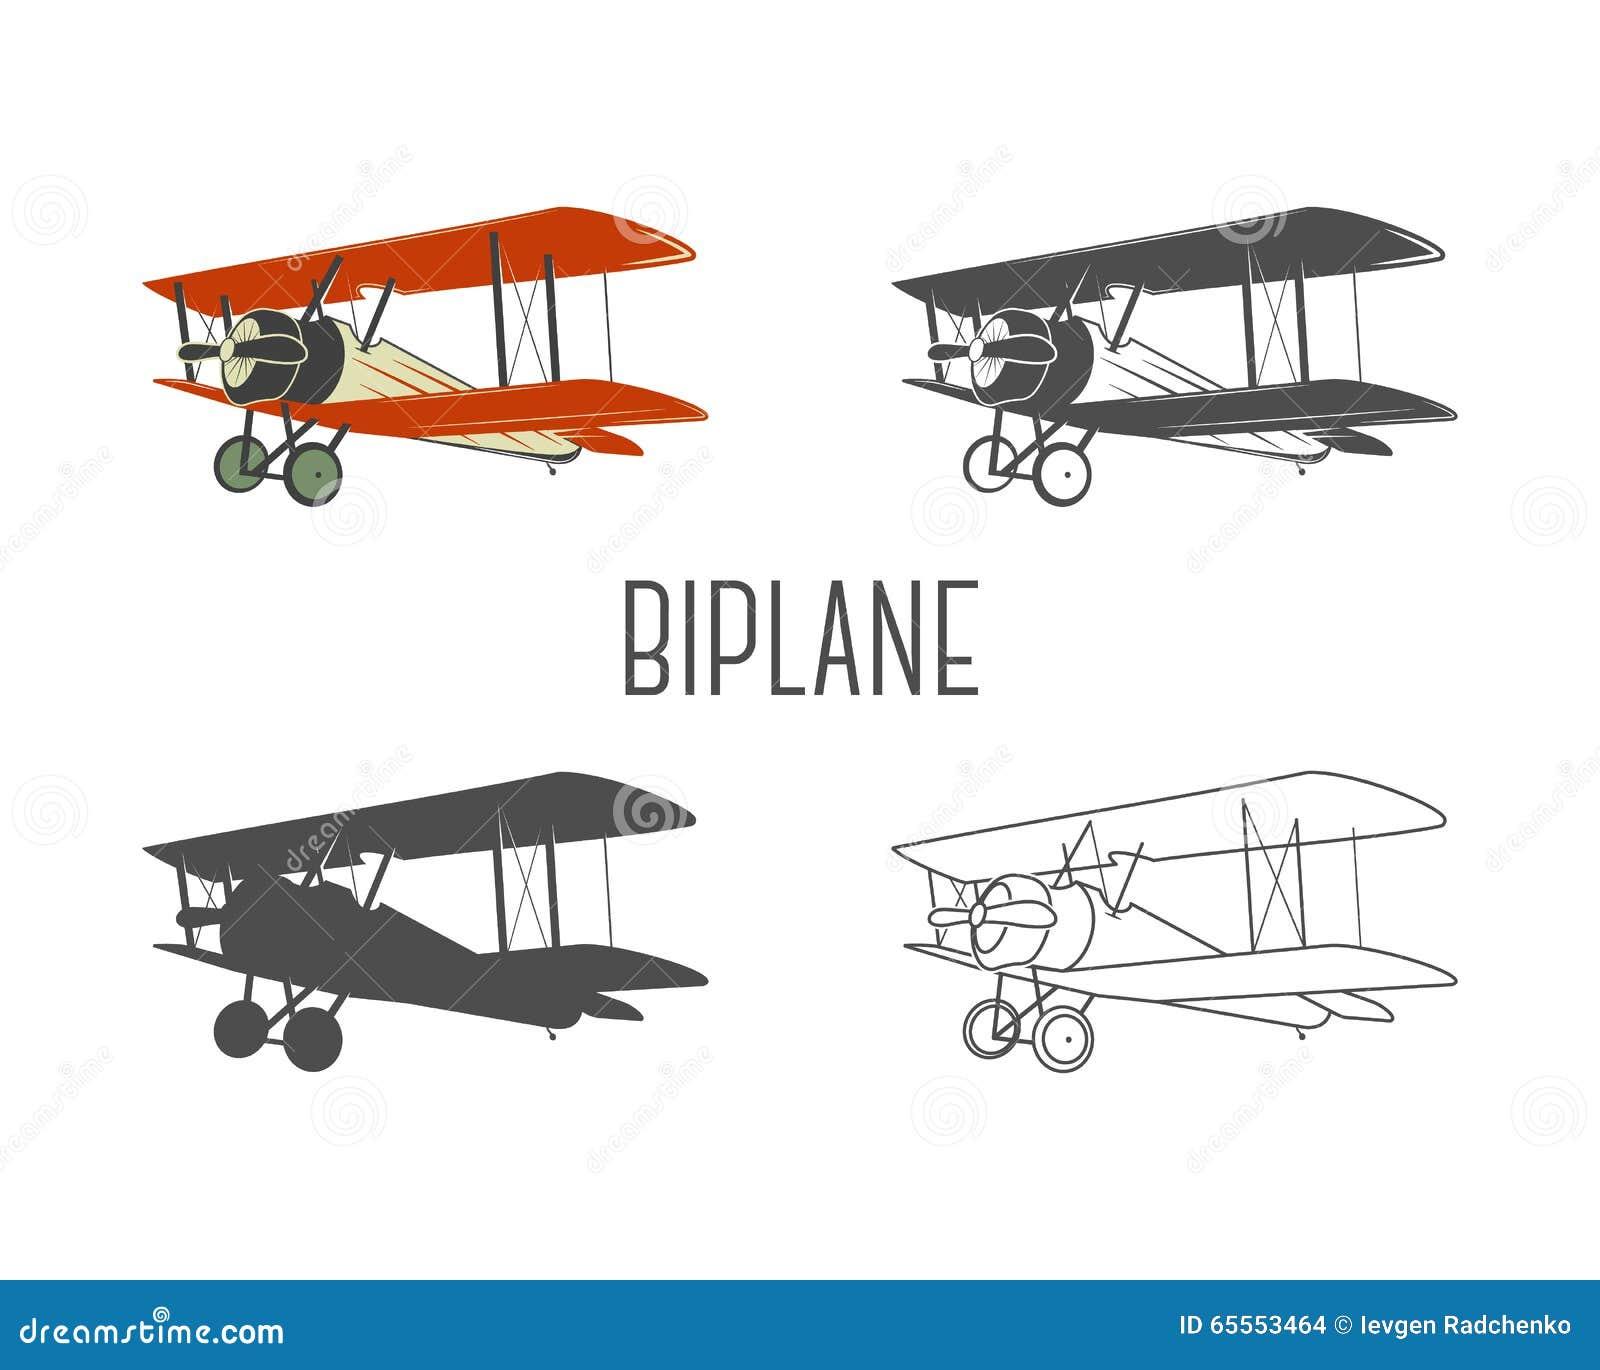 Reeks uitstekende elementen van het vliegtuigenontwerp Retro Tweedekkers in kleur, lijn, silhouet, zwart-wit ontwerpen Luchtvaart